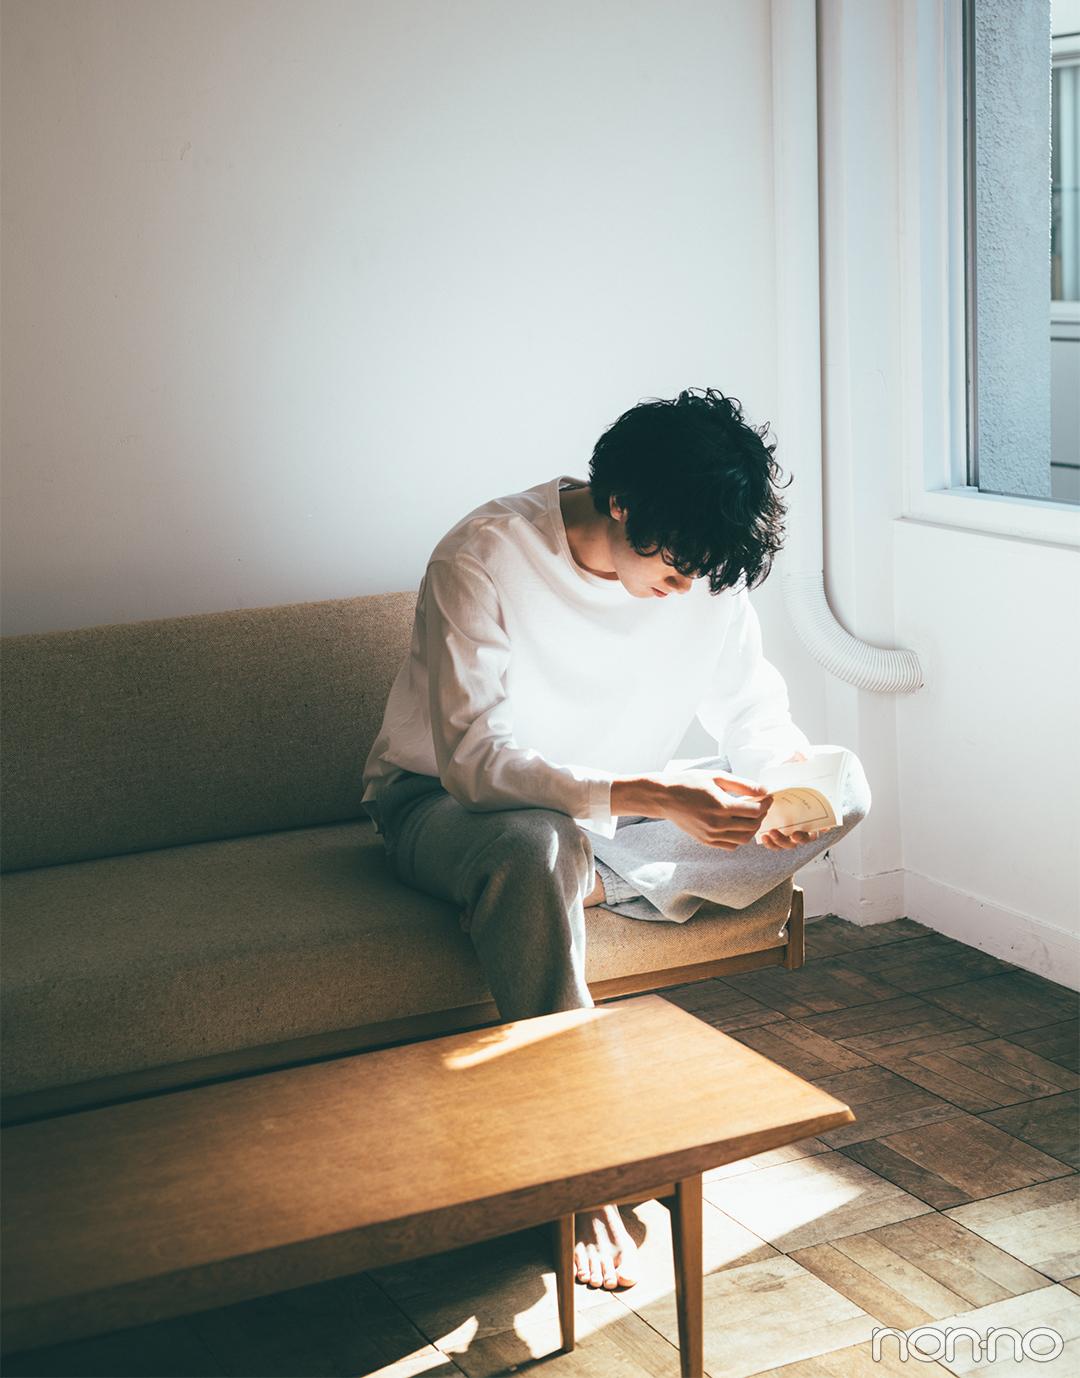 神尾楓珠、鈴木仁、清原翔…イケメンぞろいの連載「今月の彼氏」フォトギャラリー_1_11